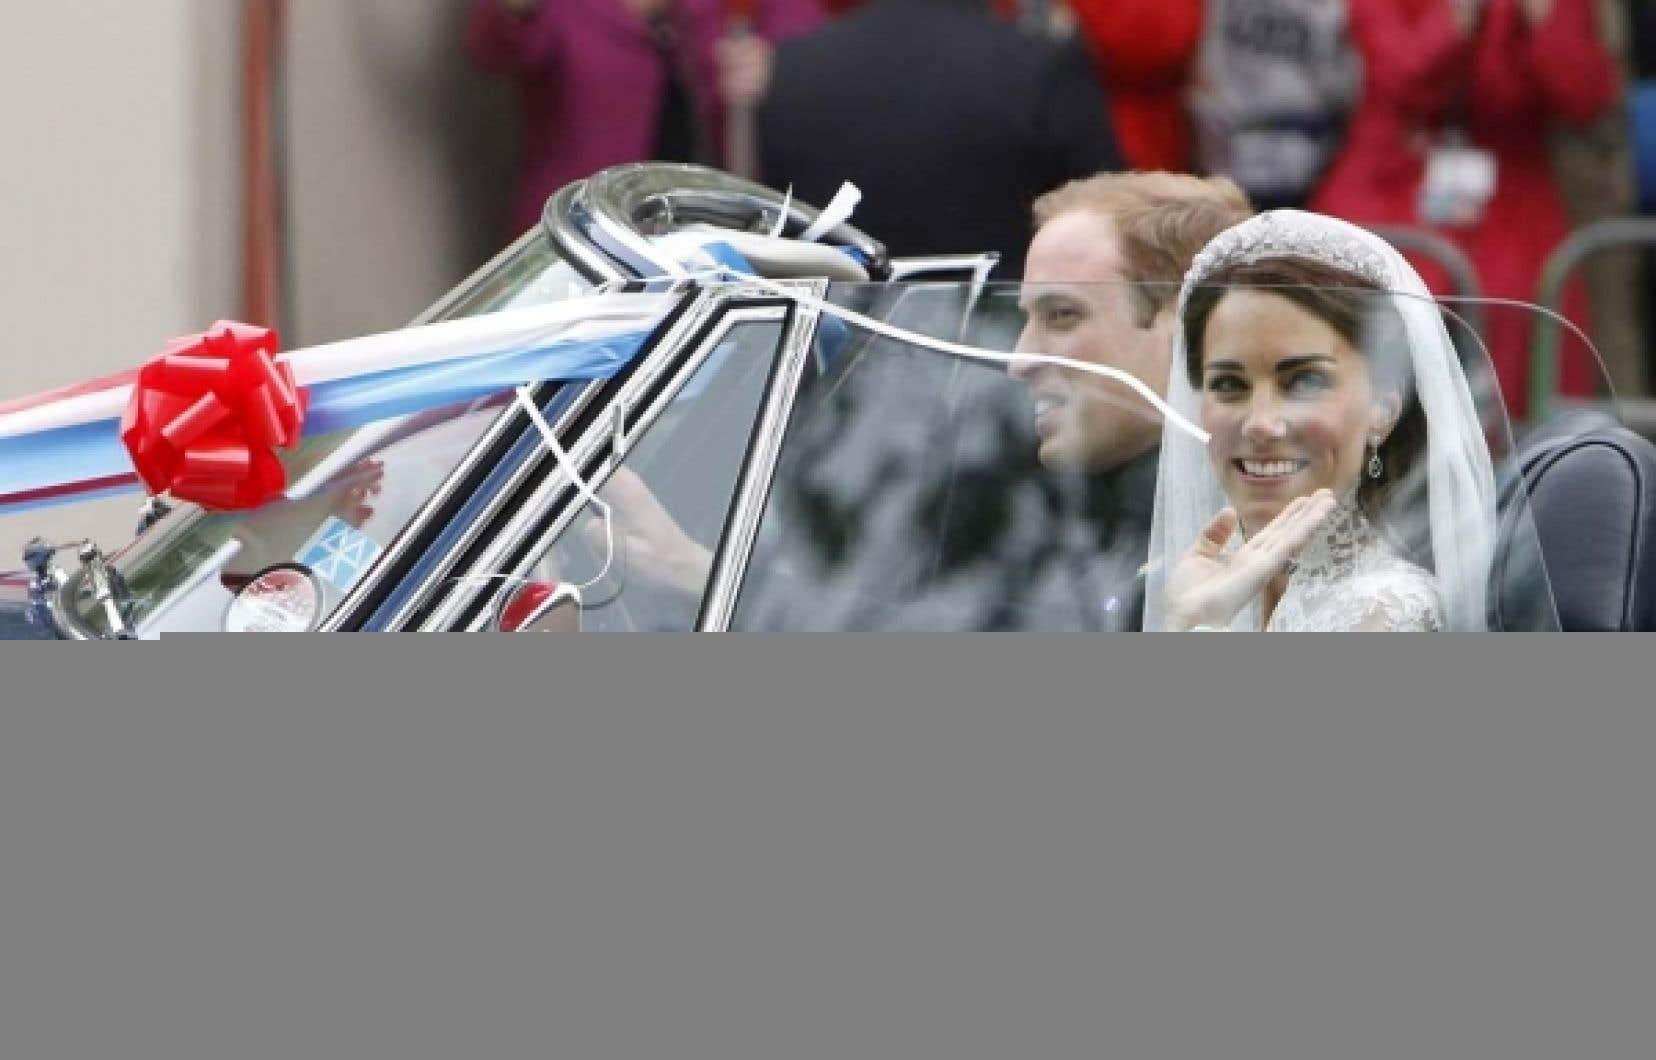 Amir Khadir a comparé la visite du couple royal à une tournée de cirque. <br />